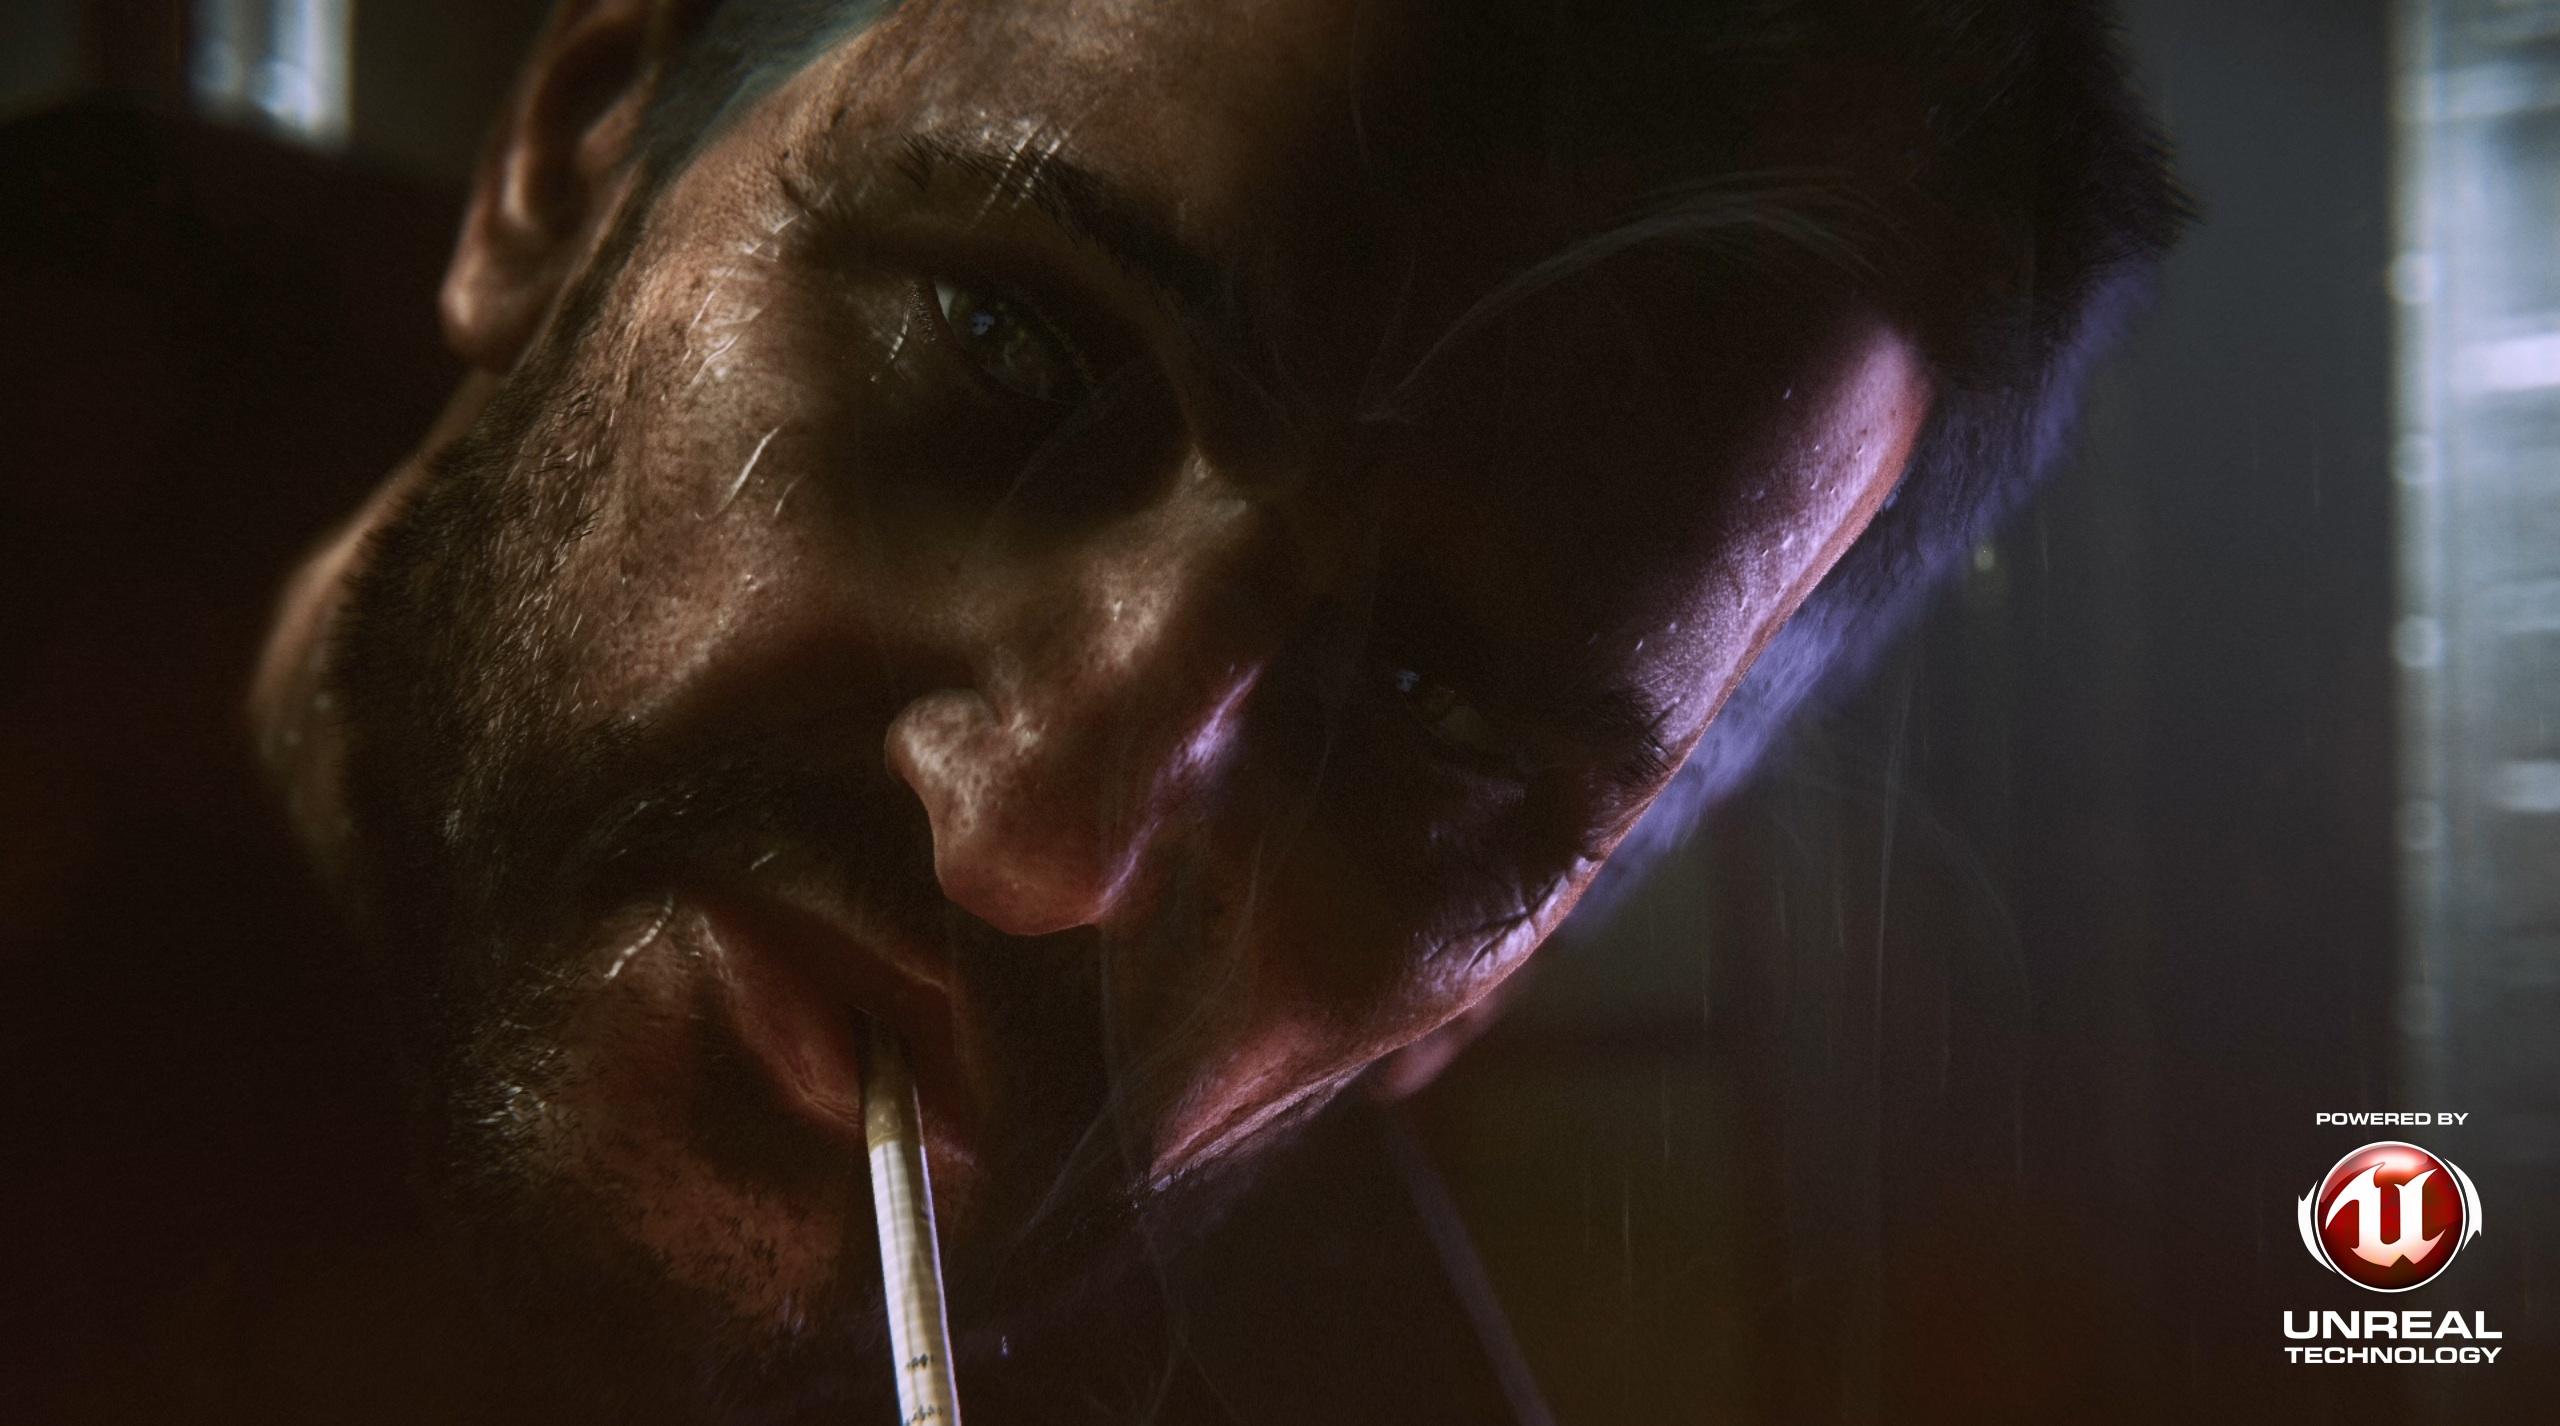 Samaritan, la demo de Unreal Engine podria terminar en un juego completo